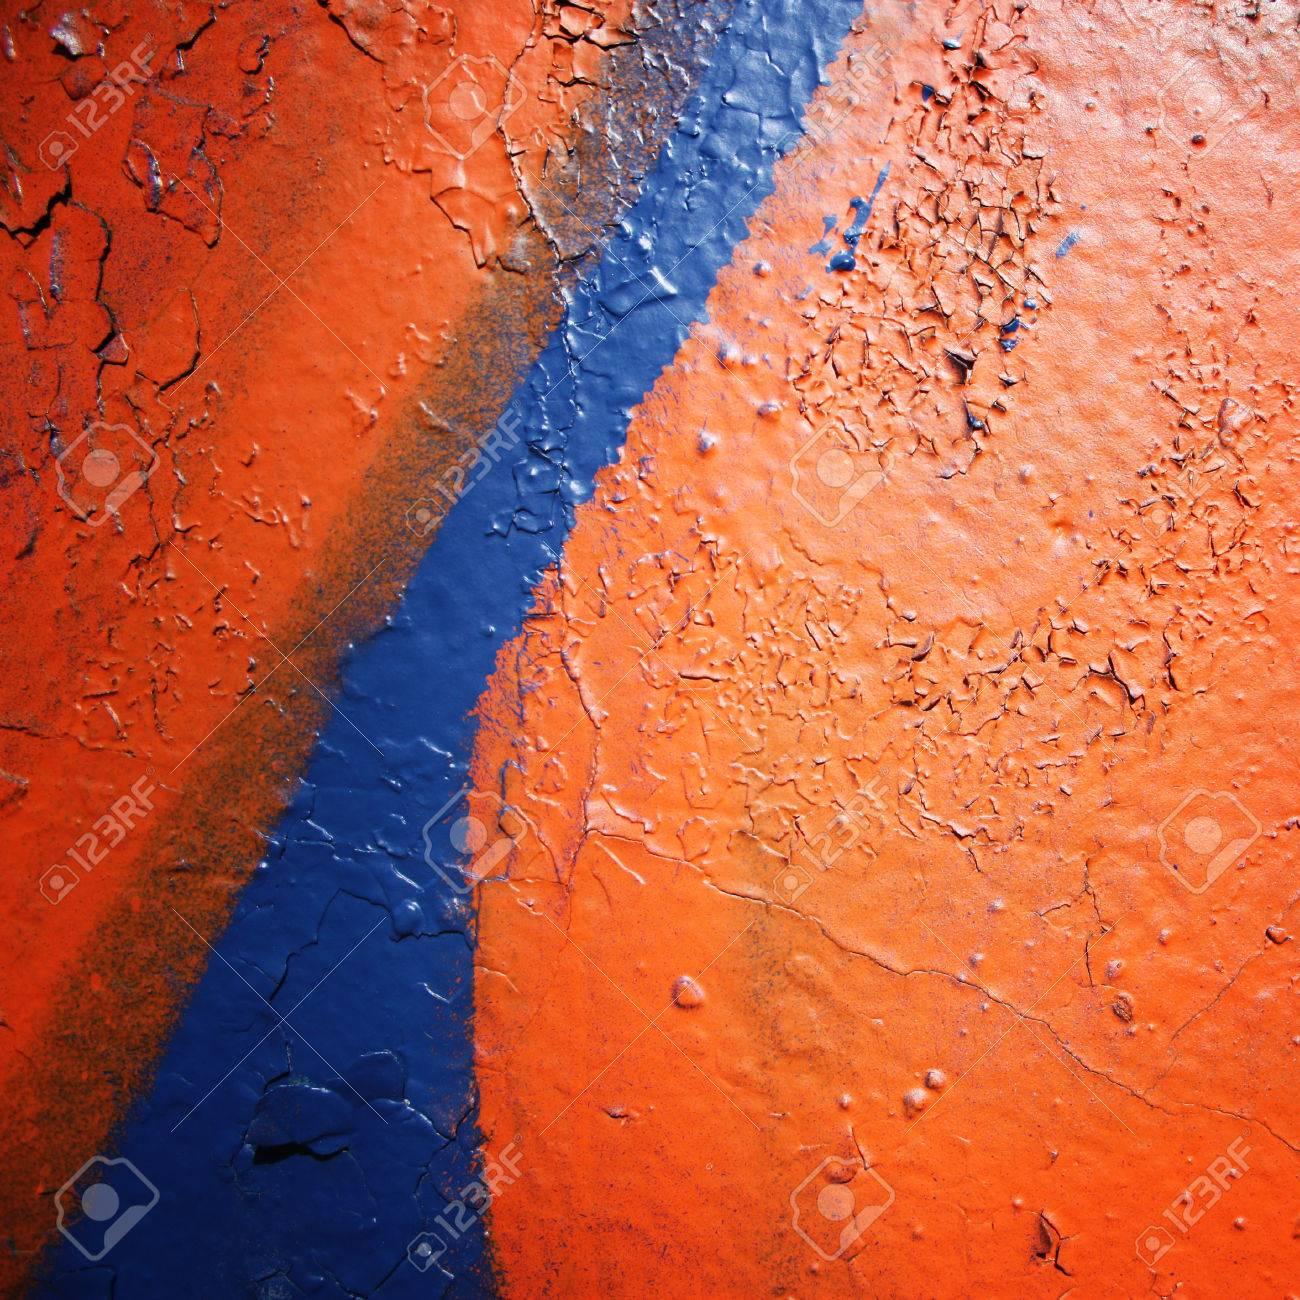 Gros Plan De Mur Urbain Peinture Brillante Sur La Surface Concreat Cadre Pour Le Texte Photo âgée Photo Rétro Effet Vintage Graffiti De Rue Se